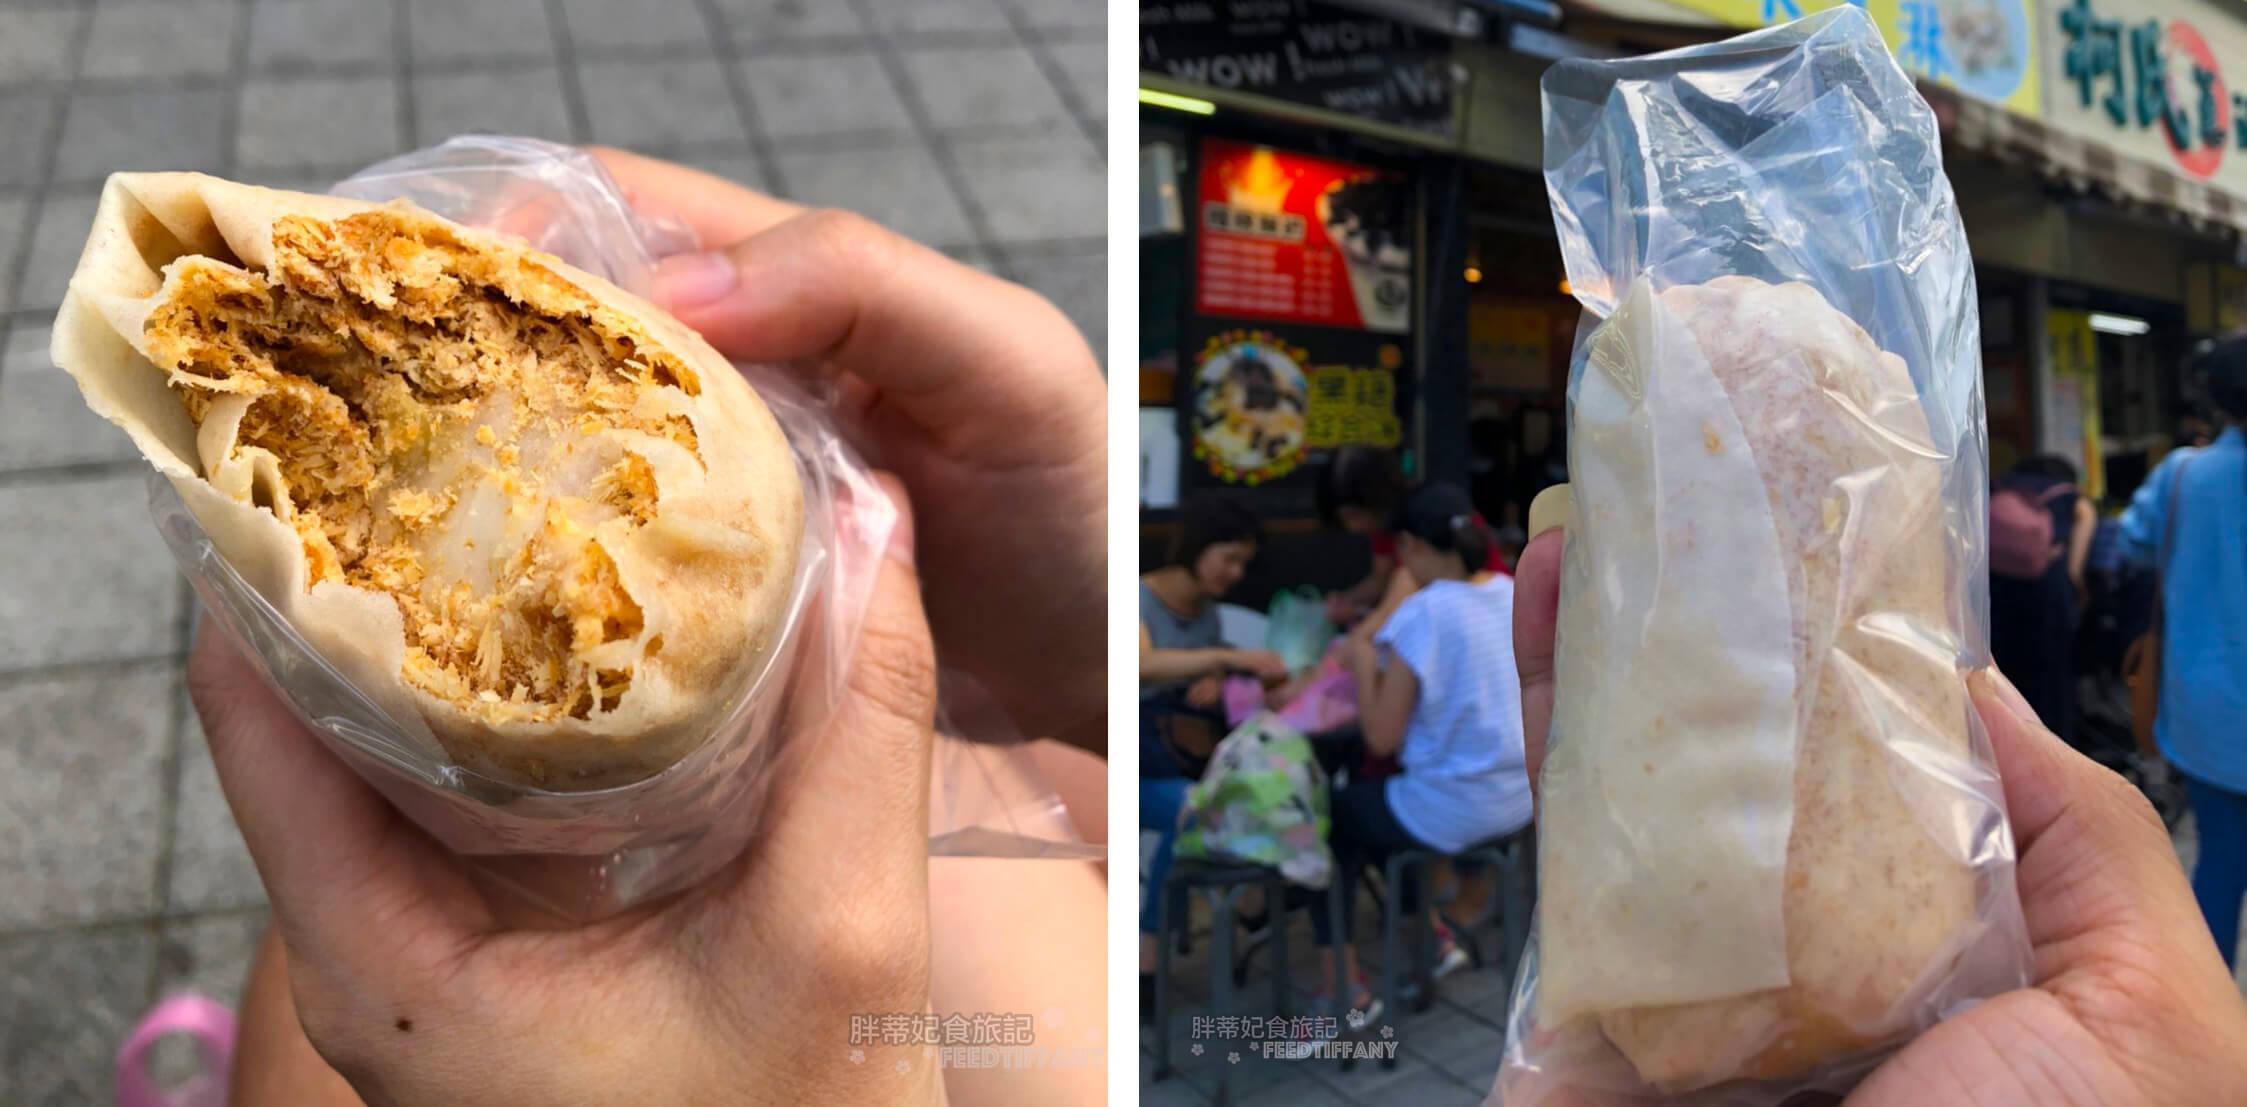 礁溪路四段美食 吳記花生捲冰淇淋